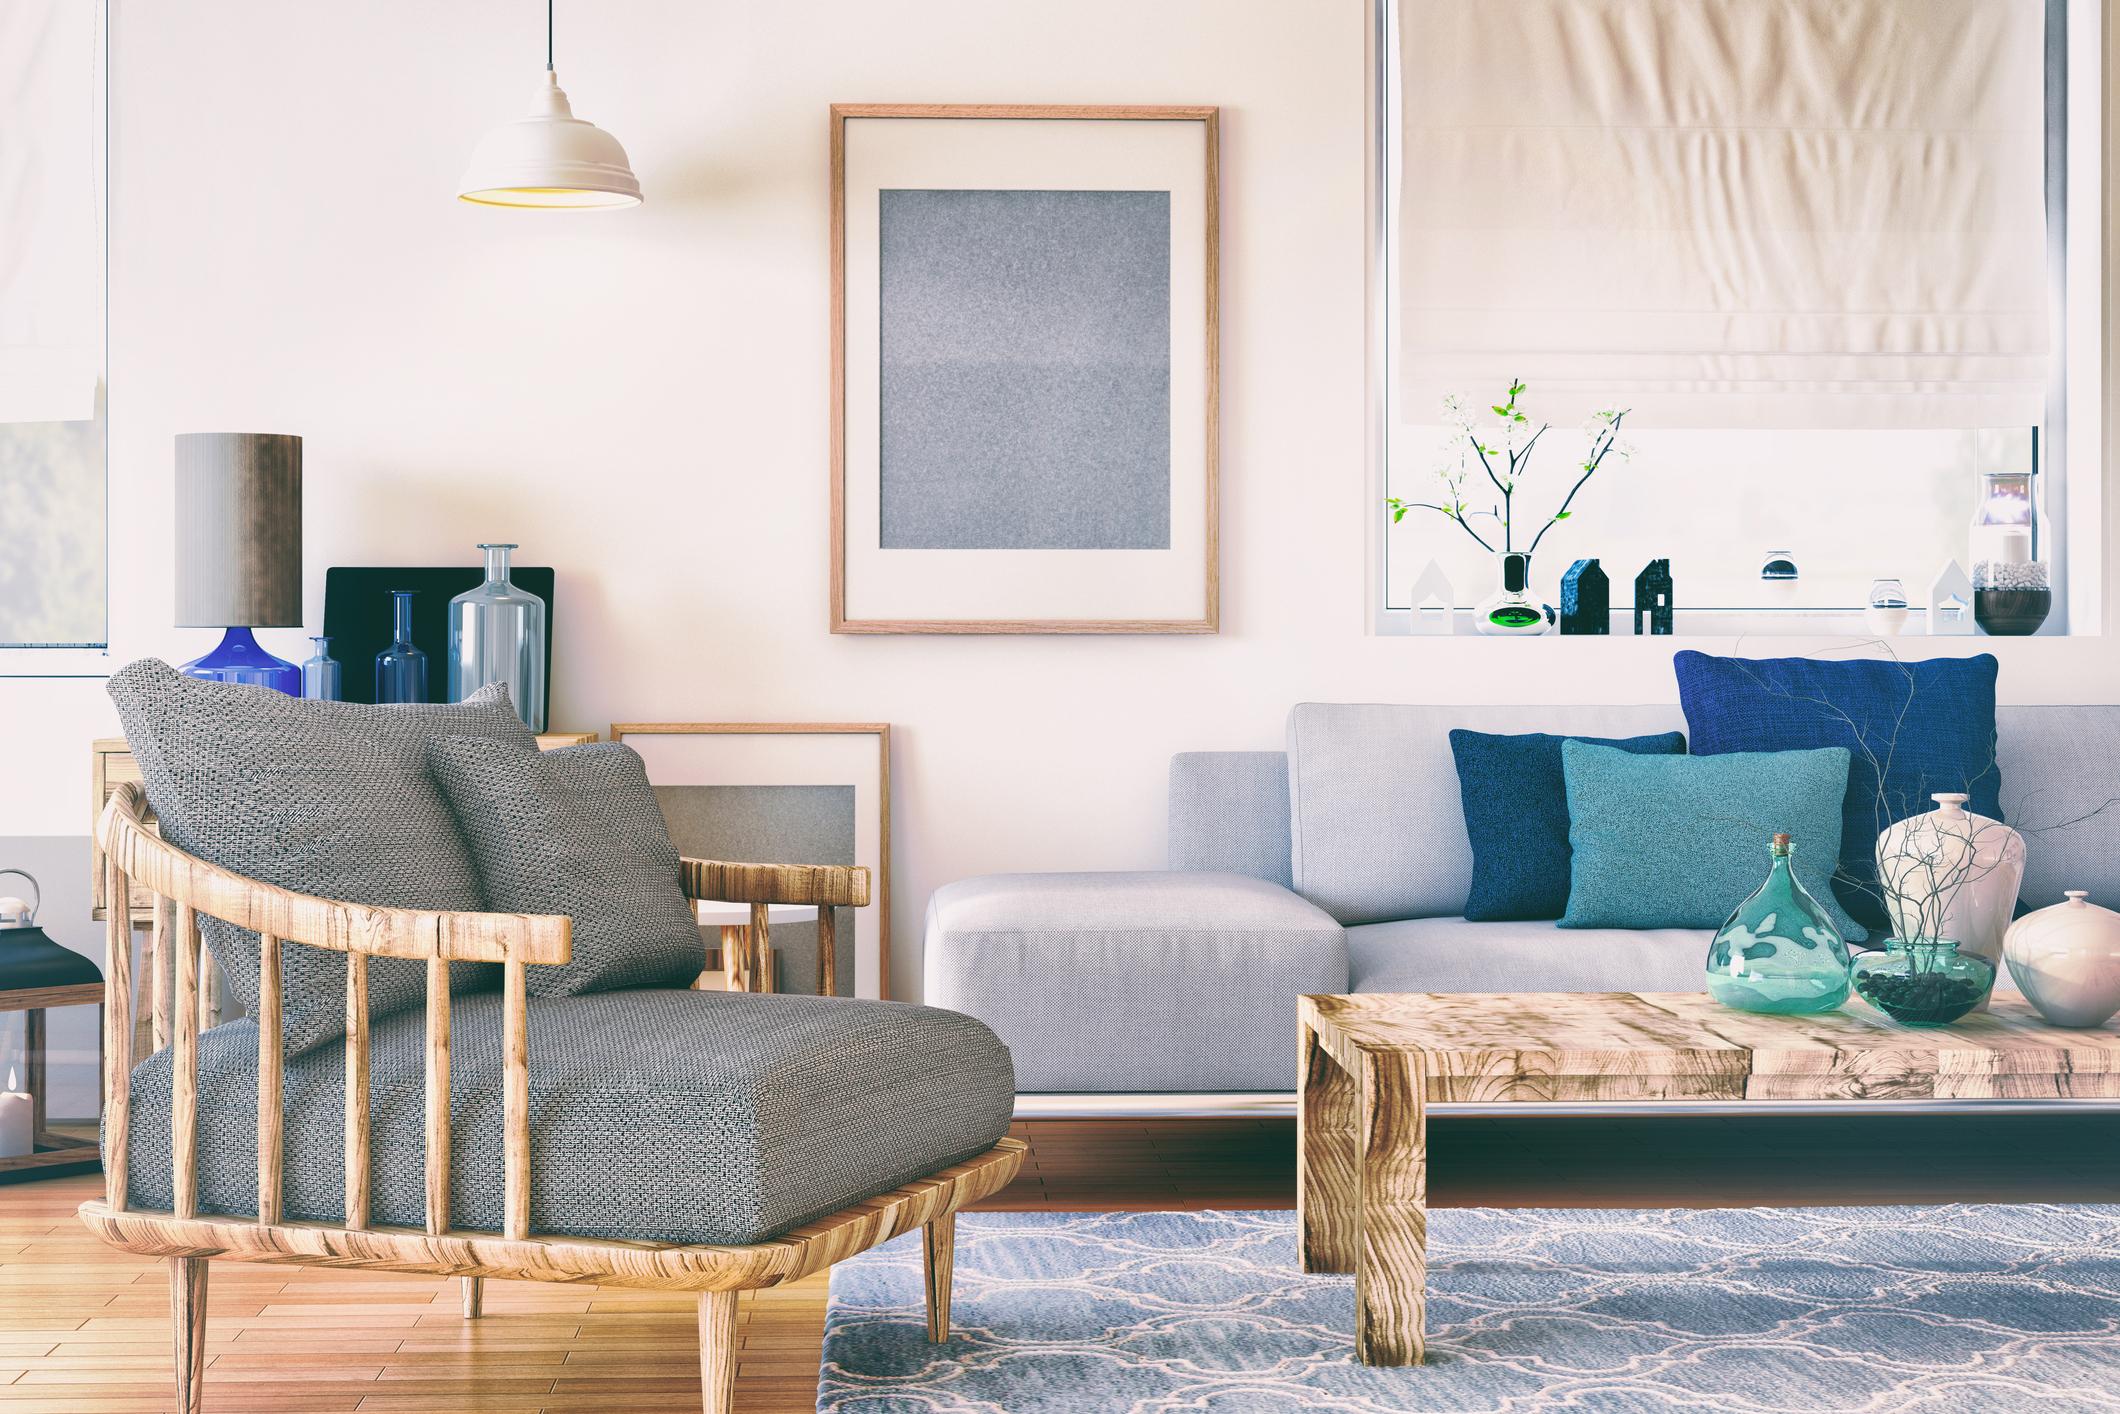 Airbnb Property Management Services Dubai